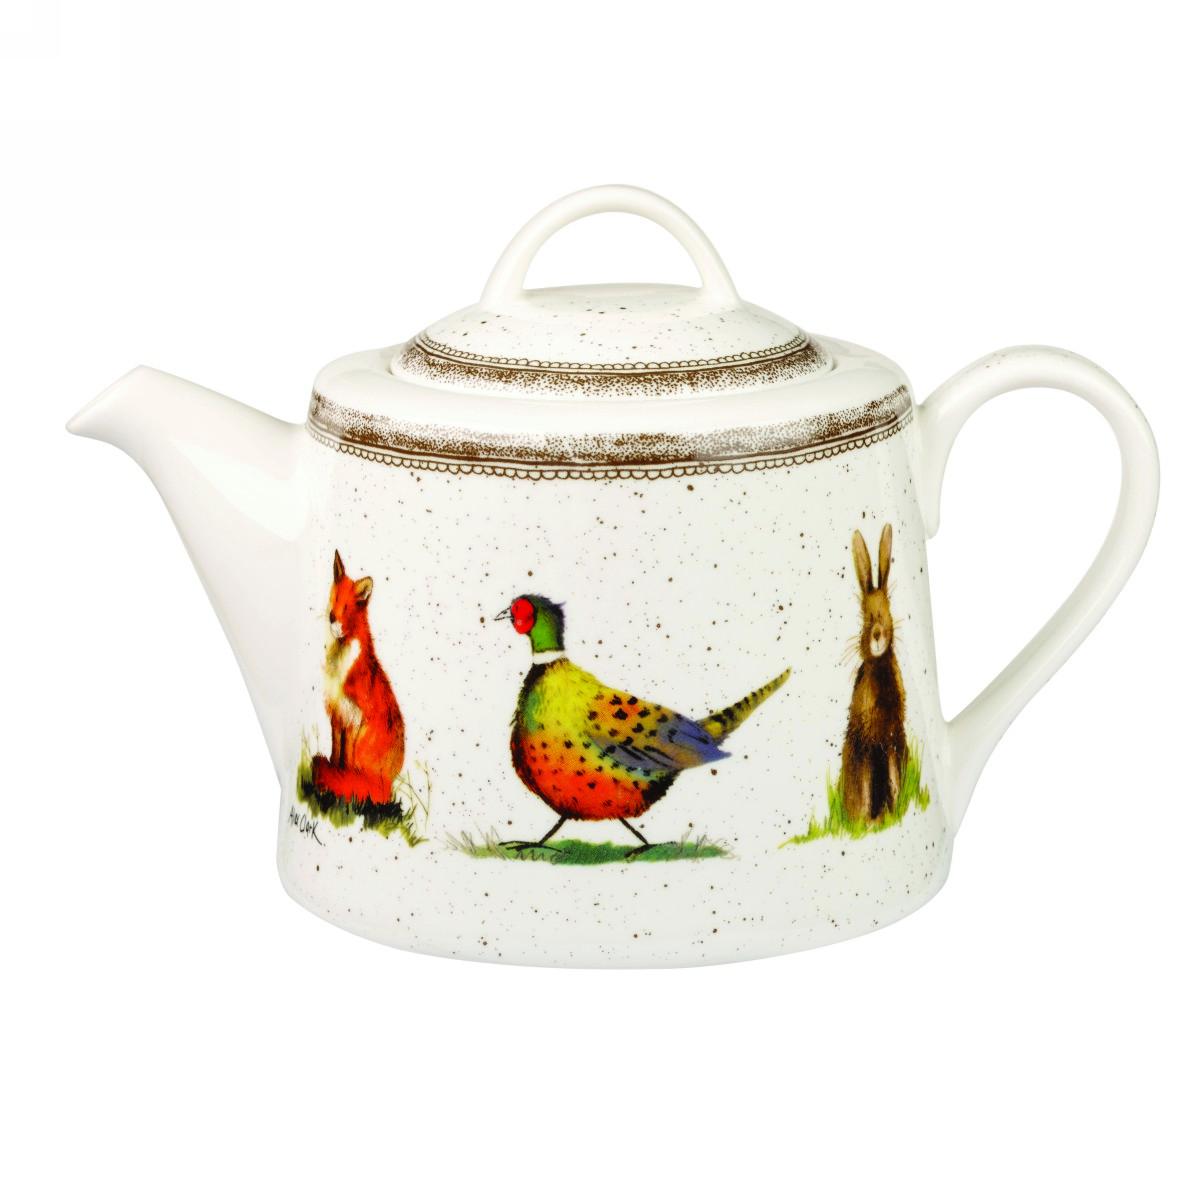 Заварочный чайник Churchill 850 мл Живая природа от Алекс Кларк